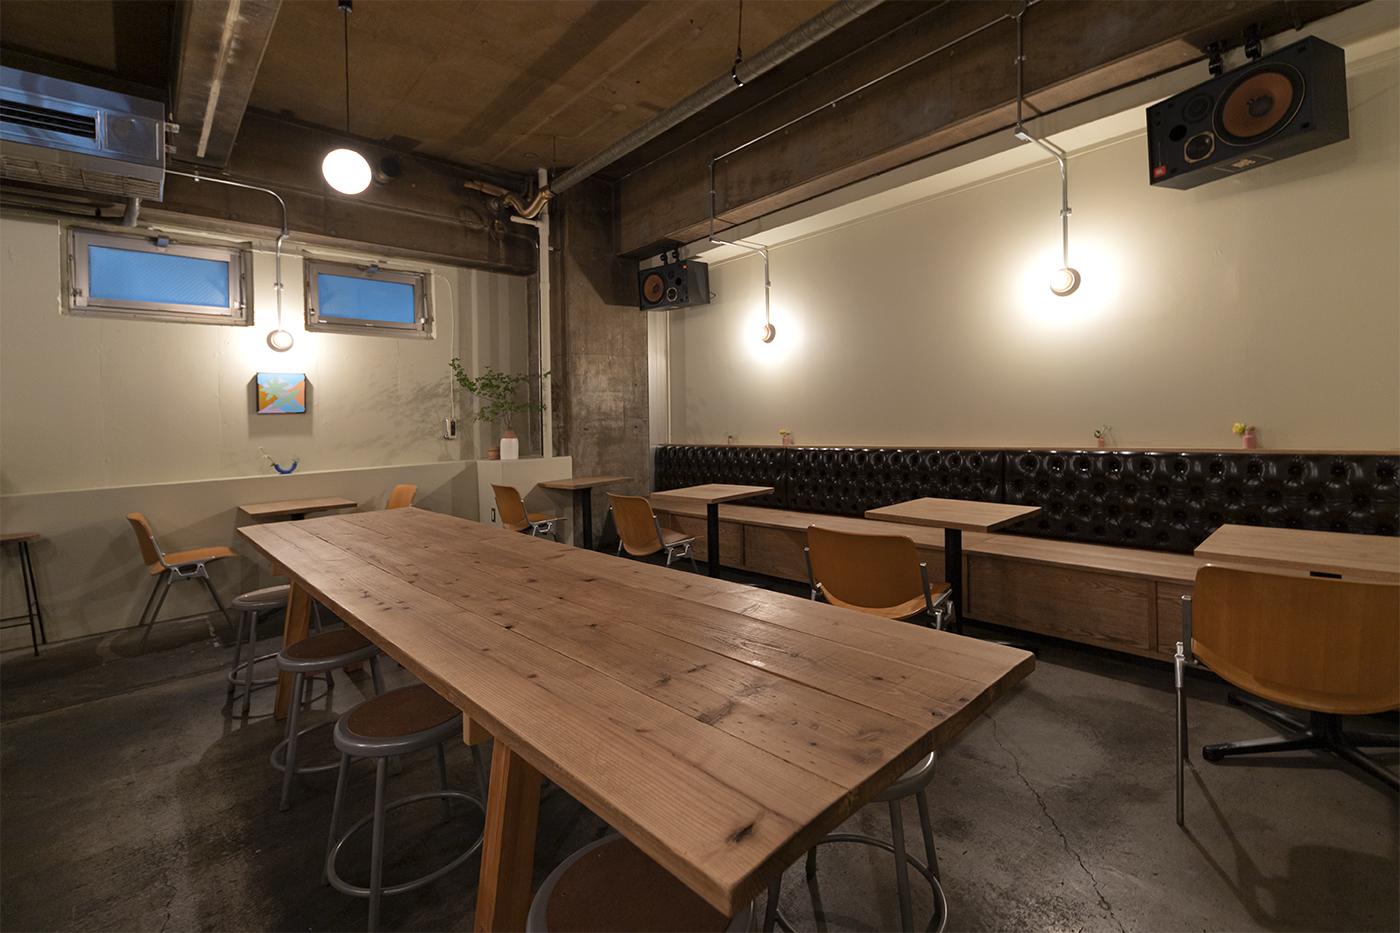 仙台の人気カフェ「HEY」の店内奥にある気でできた長テーブル。